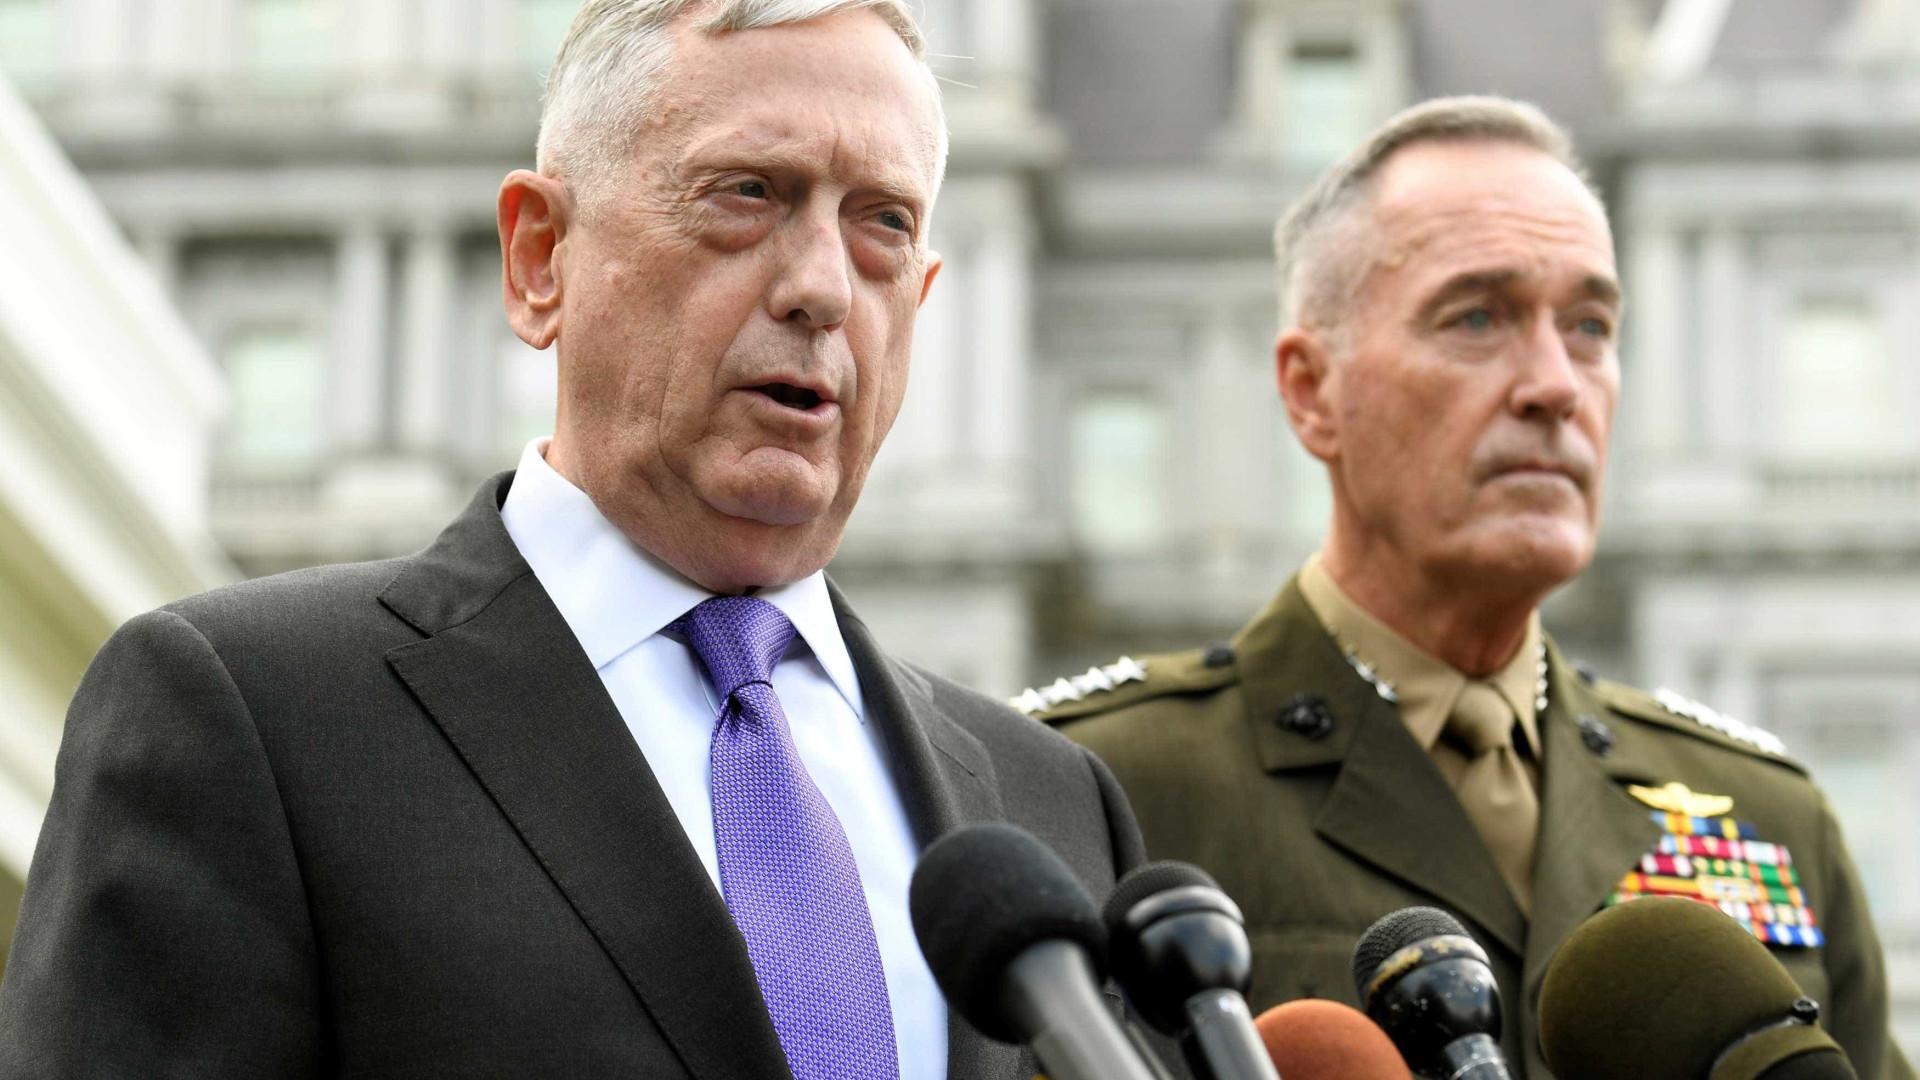 Secretário de Defesa dos EUA com reservas em relação à Força Espacial